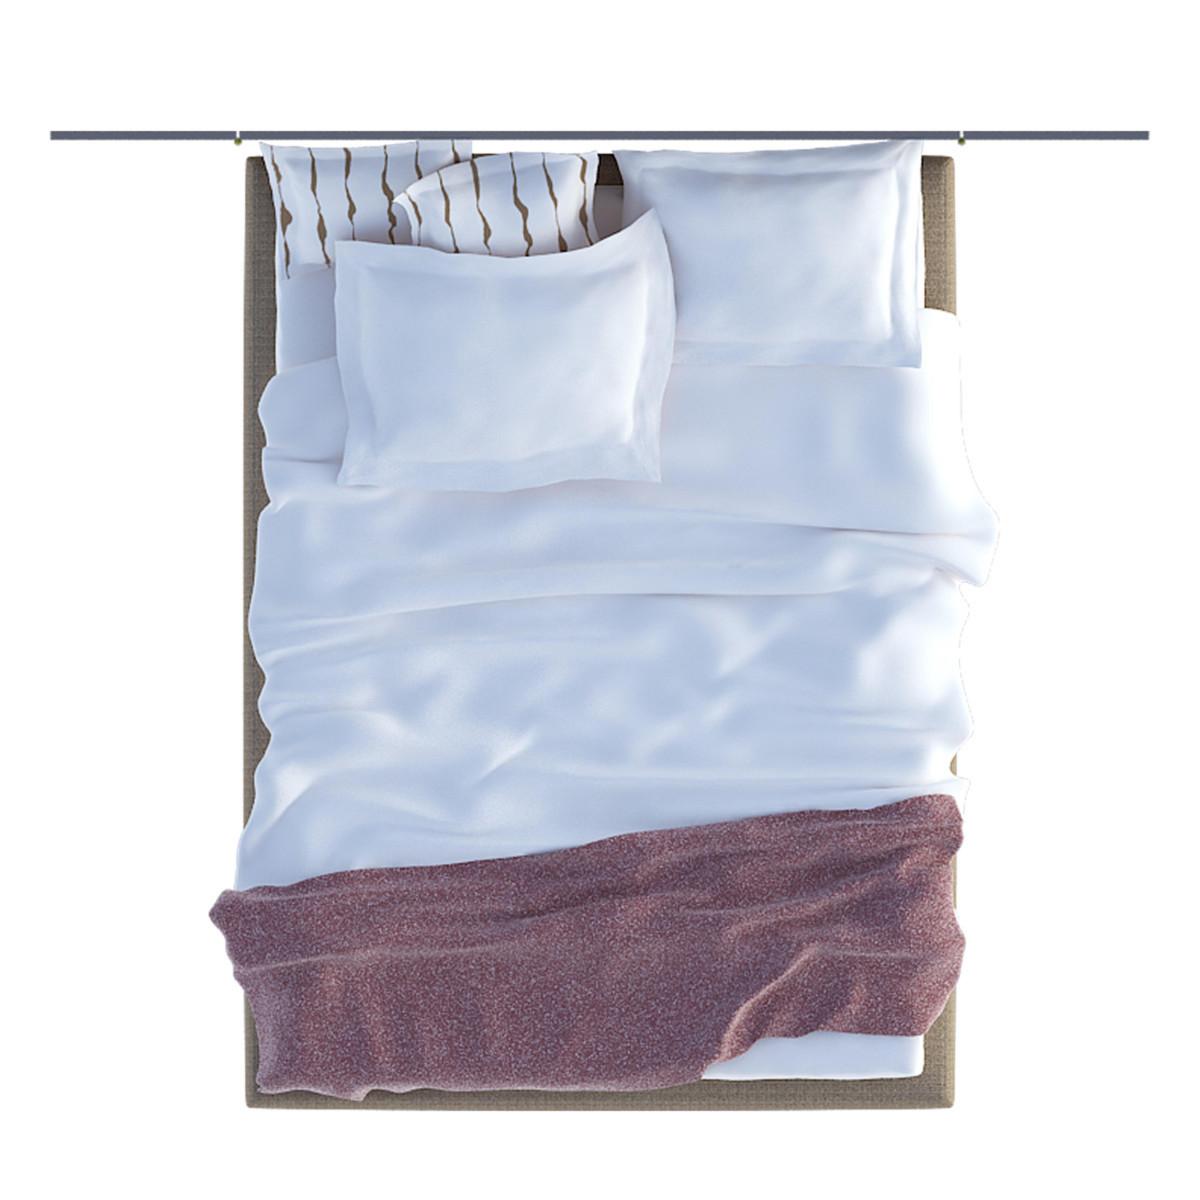 kostenlose foto bett schlafzimmer beil ufig entwurf oben tapete bild transparent. Black Bedroom Furniture Sets. Home Design Ideas